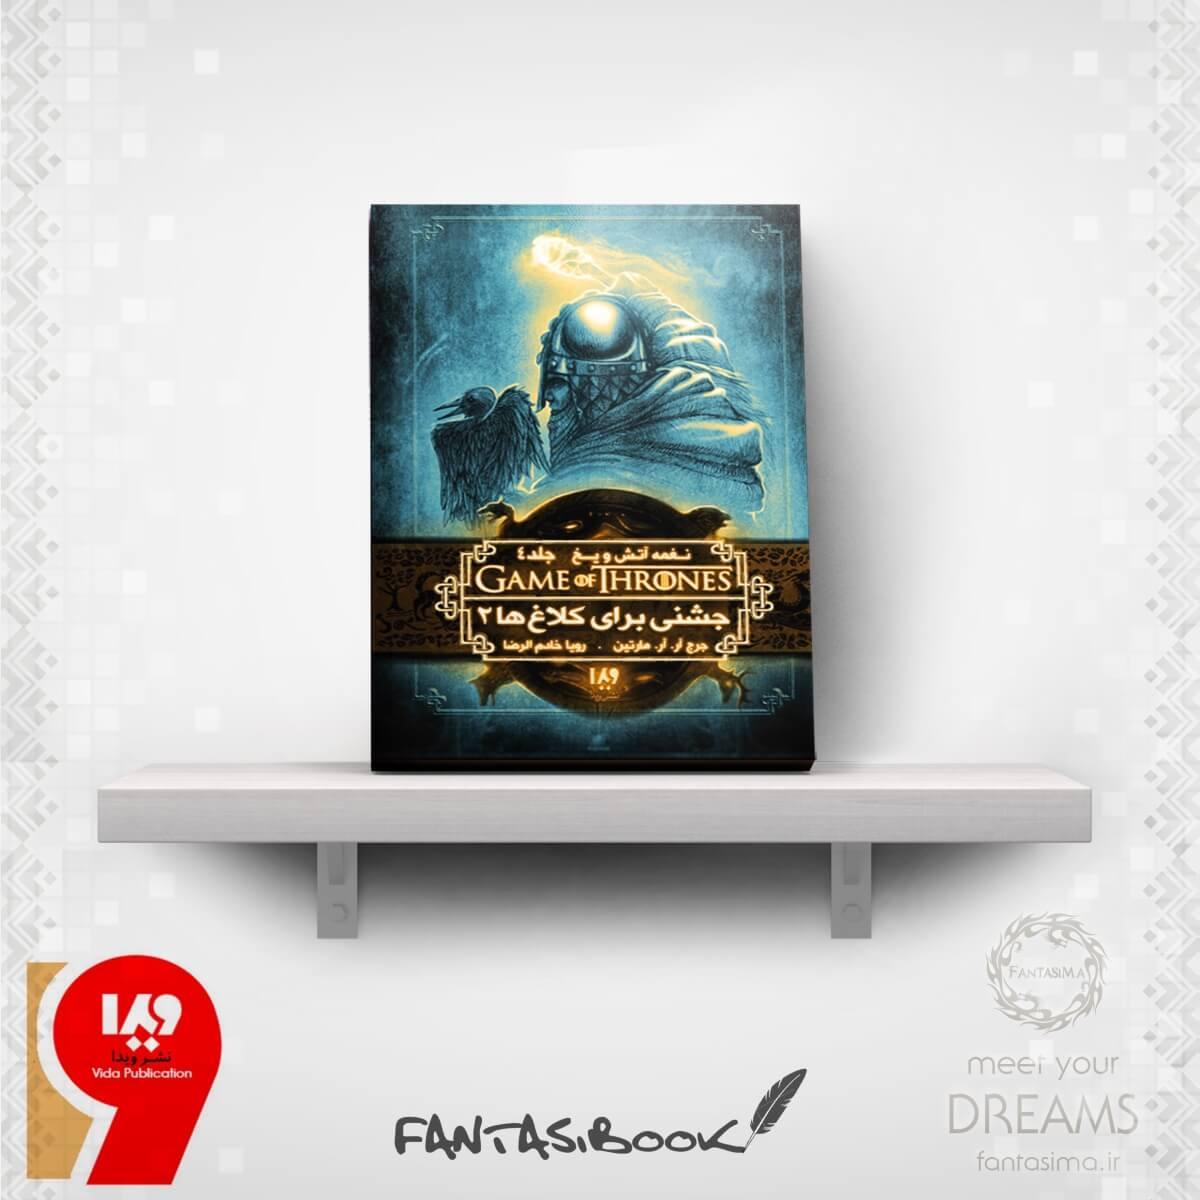 کتاب نغمه آتش و یخ - جلد 09 - جشنی برای کلاغها 2